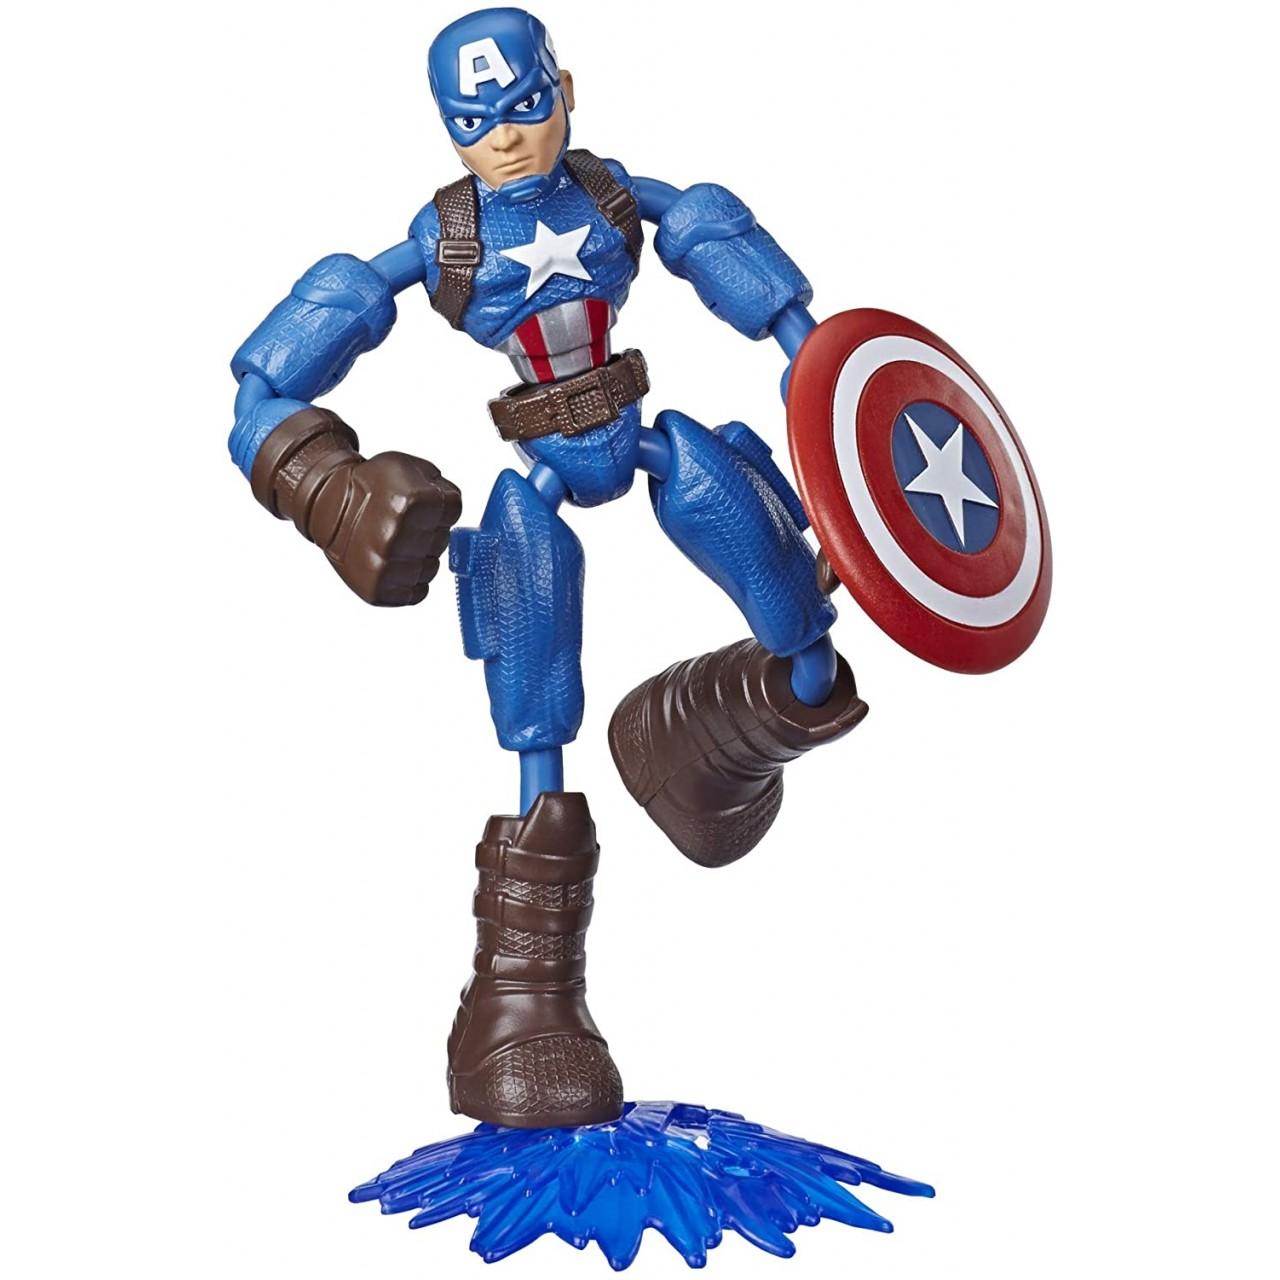 Игровая фигурка Avengers Мстители Бенди Капитан Америка от Hasbro (E7869_E7377)